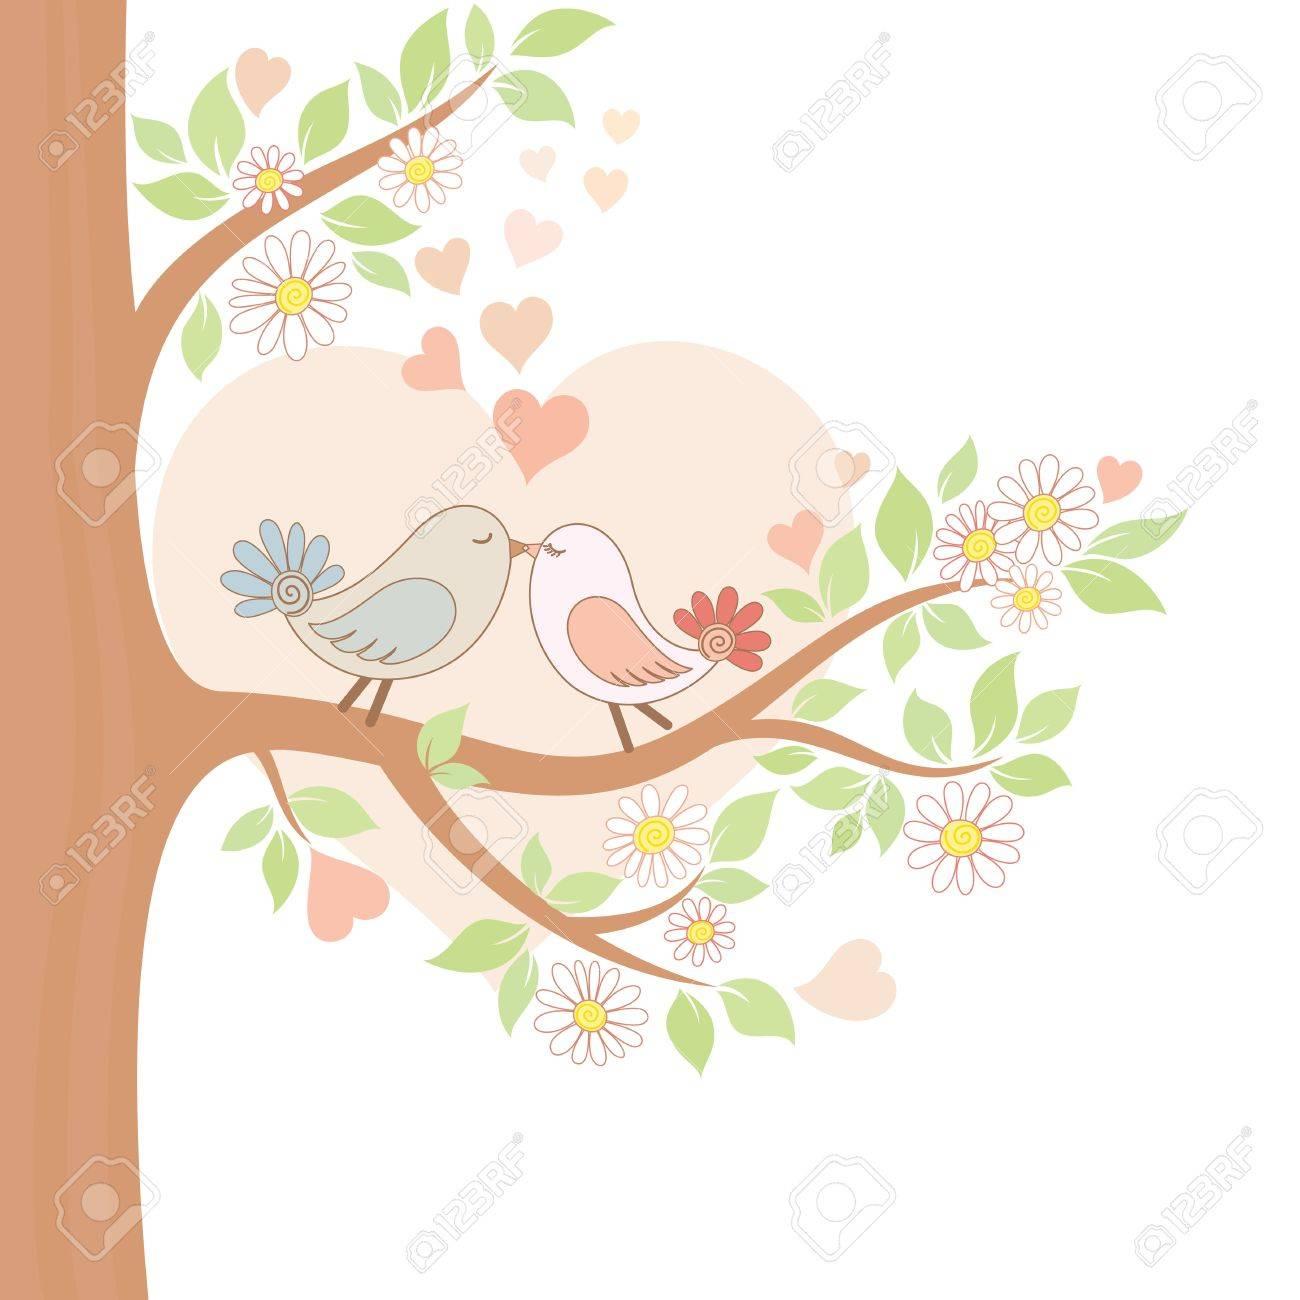 2 つのキスの鳥の装飾的なカラー イラストのイラスト素材 ベクタ Image